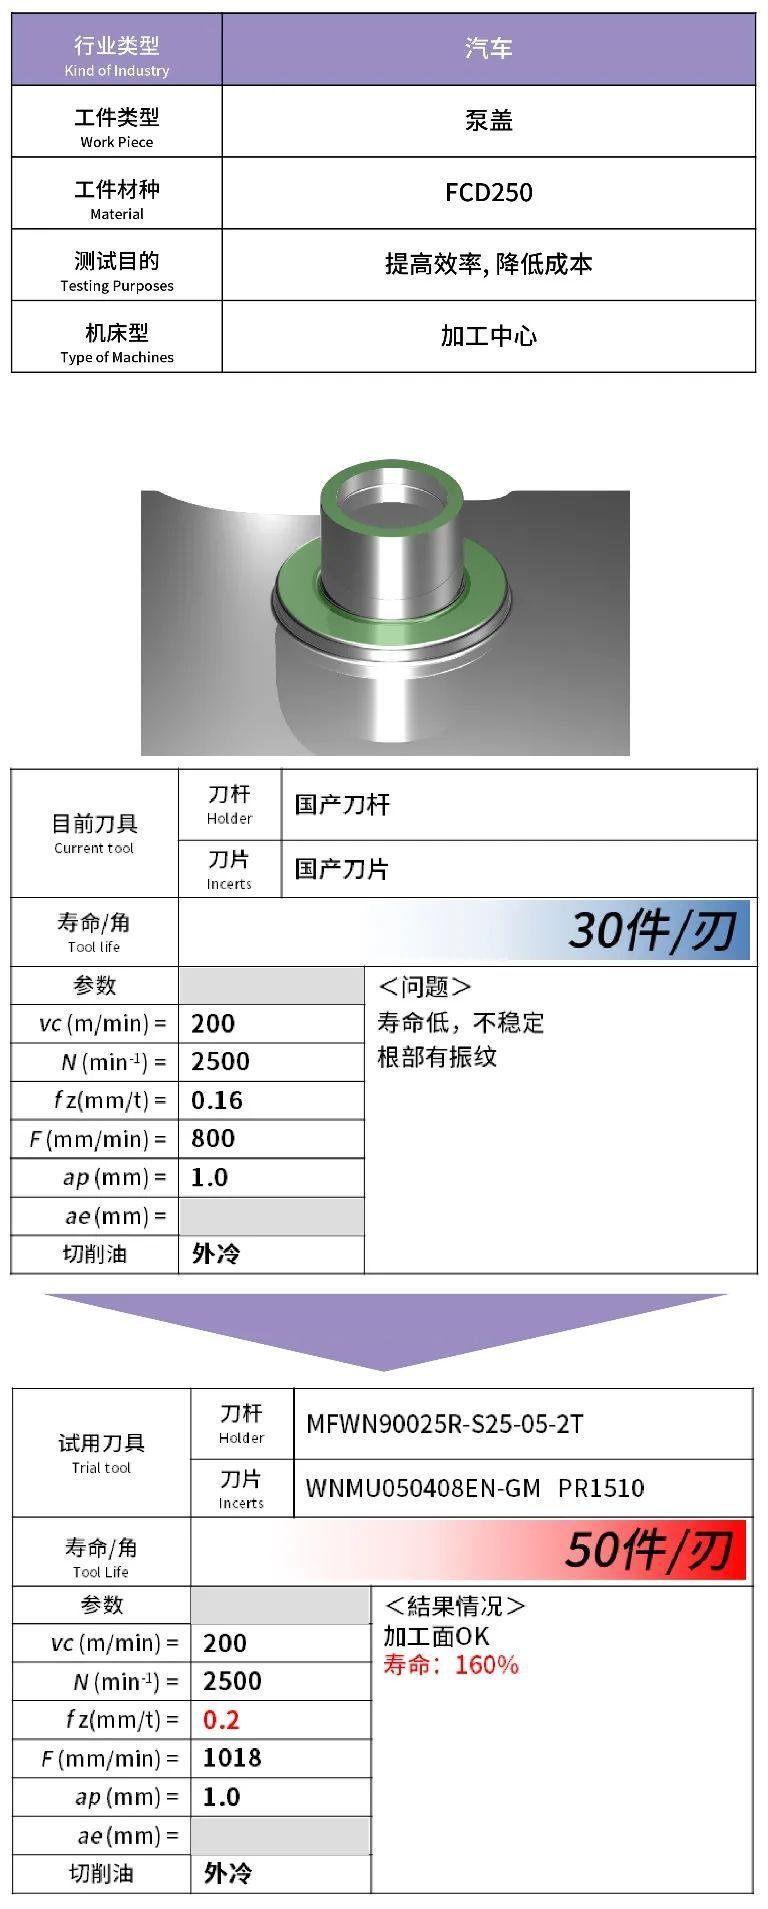 微信图片_20210205120349